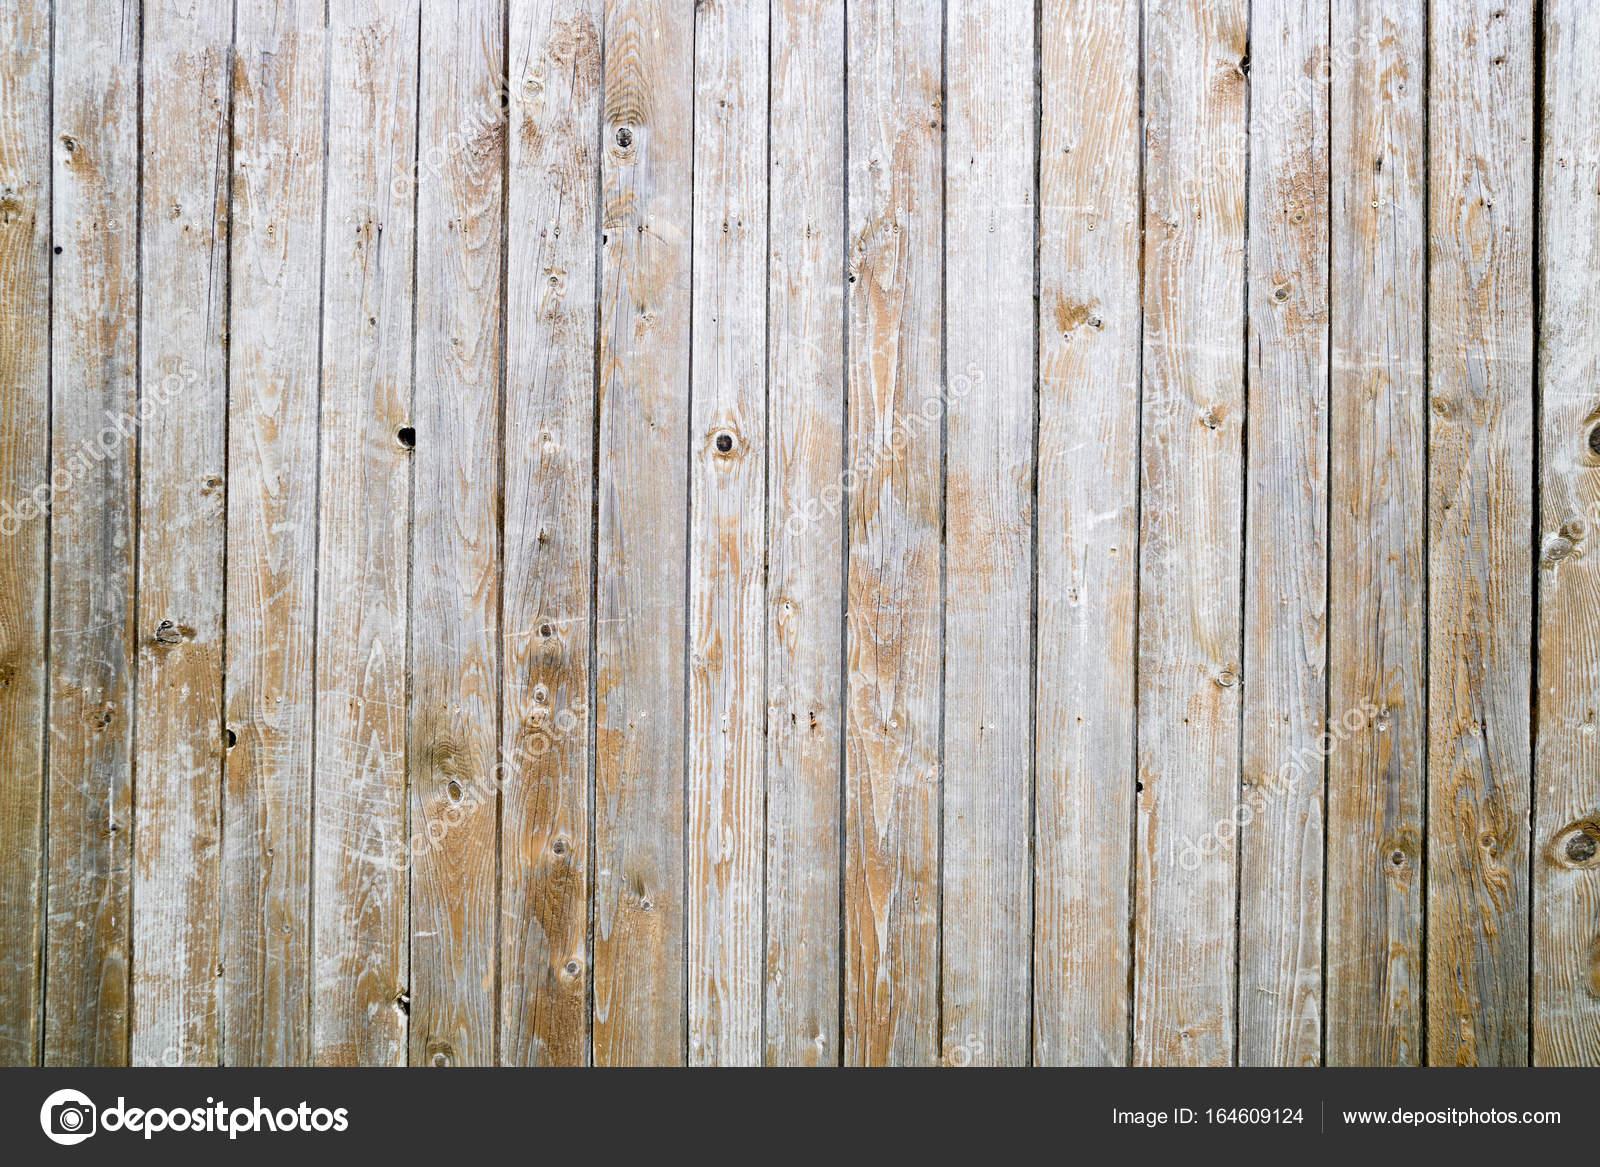 natürliche holzplatte wandbeschaffenheit panel grunge. alte